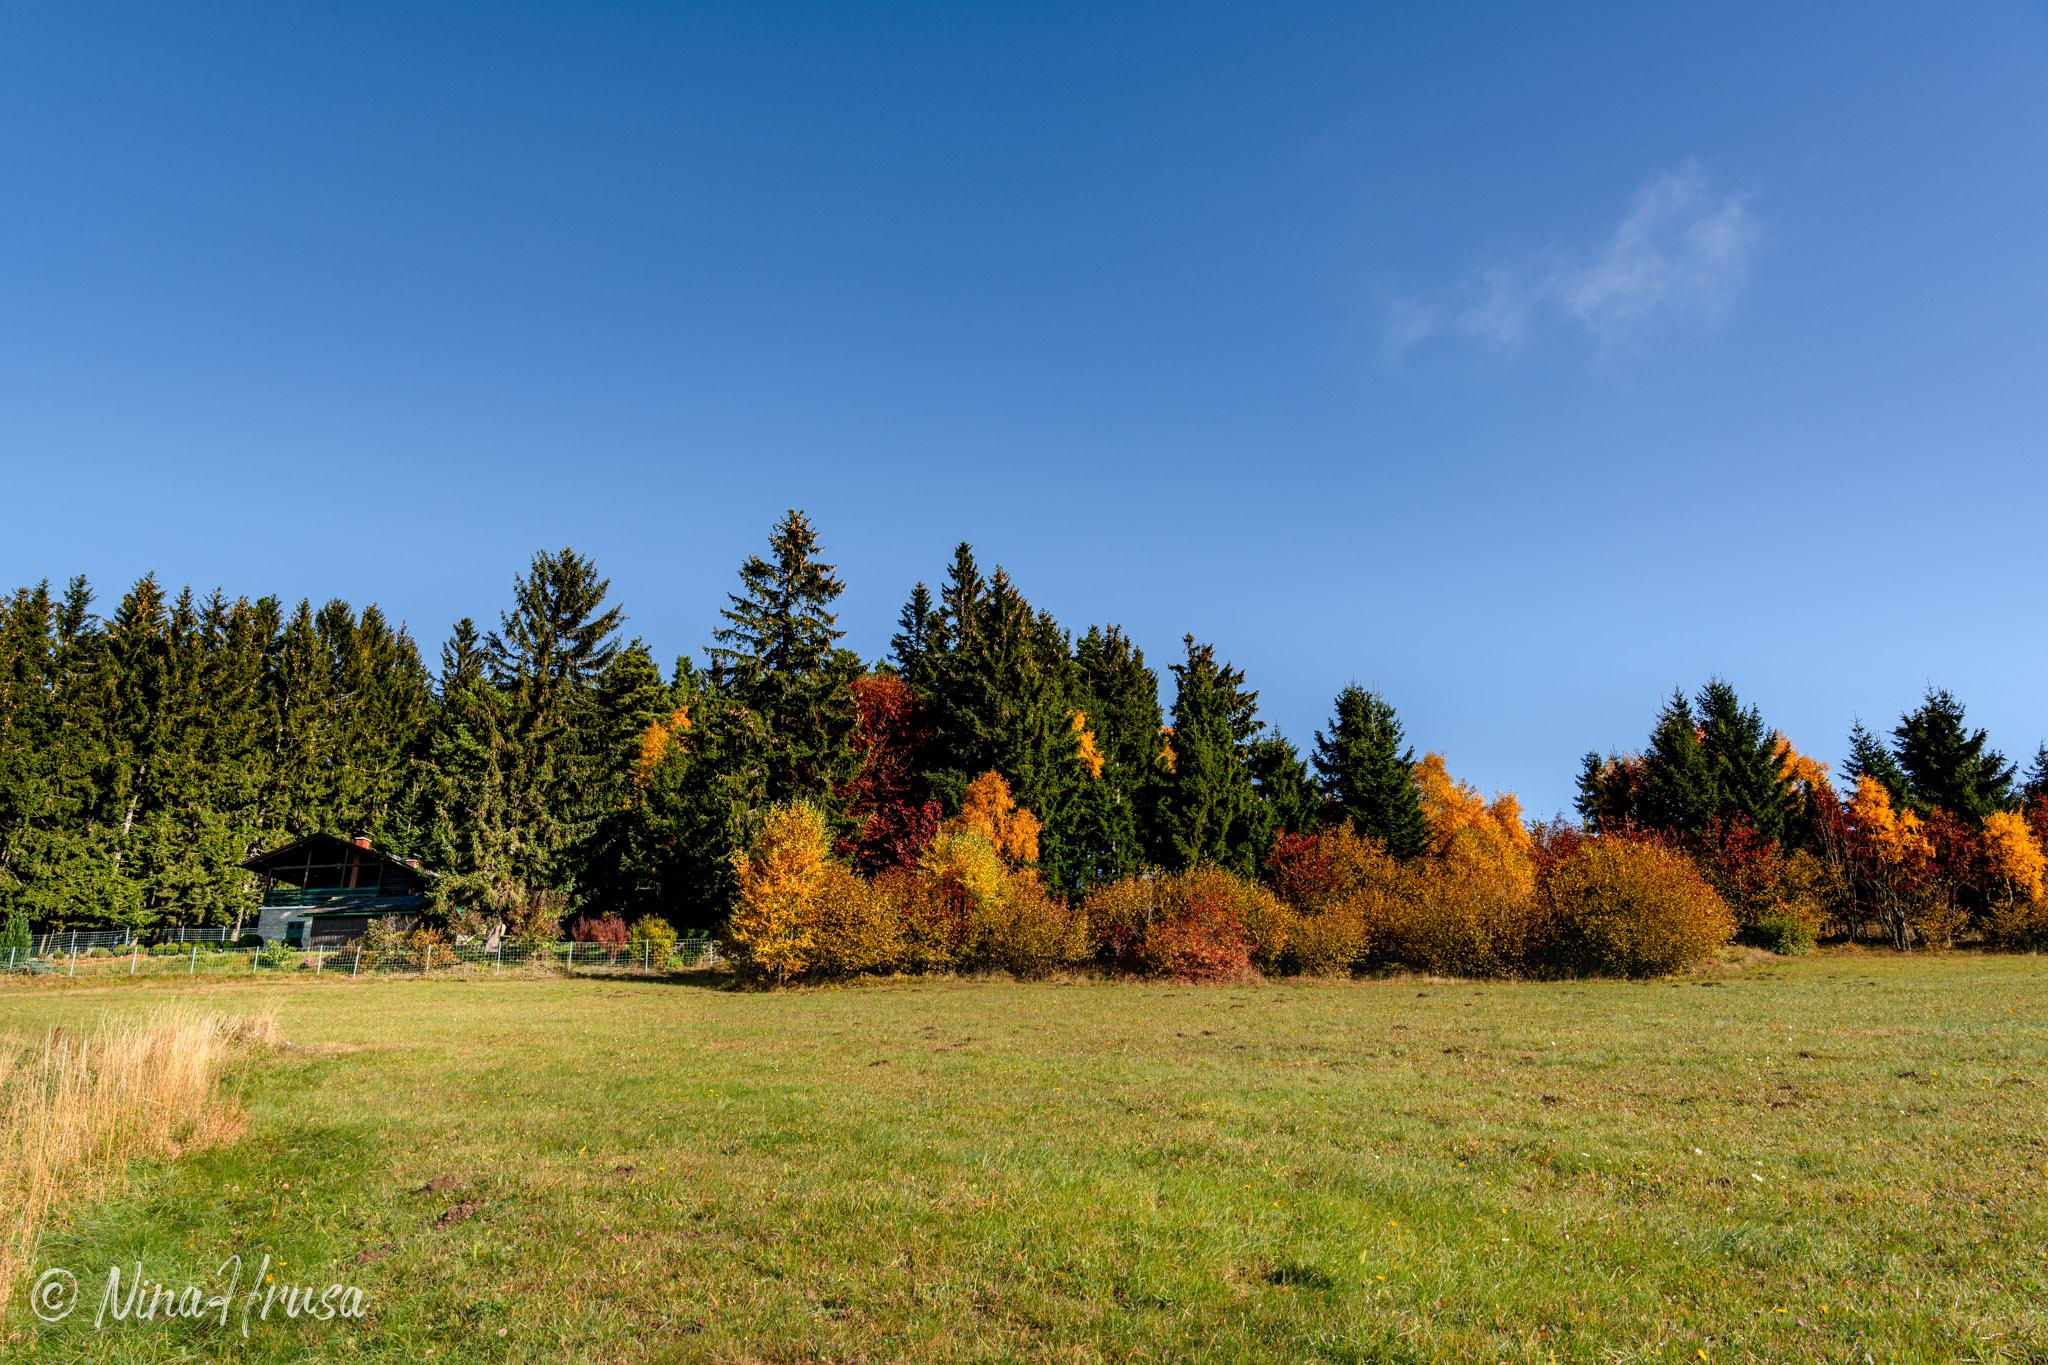 Herbstfoto, Pöllauberg, Oststeiermark, Zwischenmomente | Nina Hrusa Photography